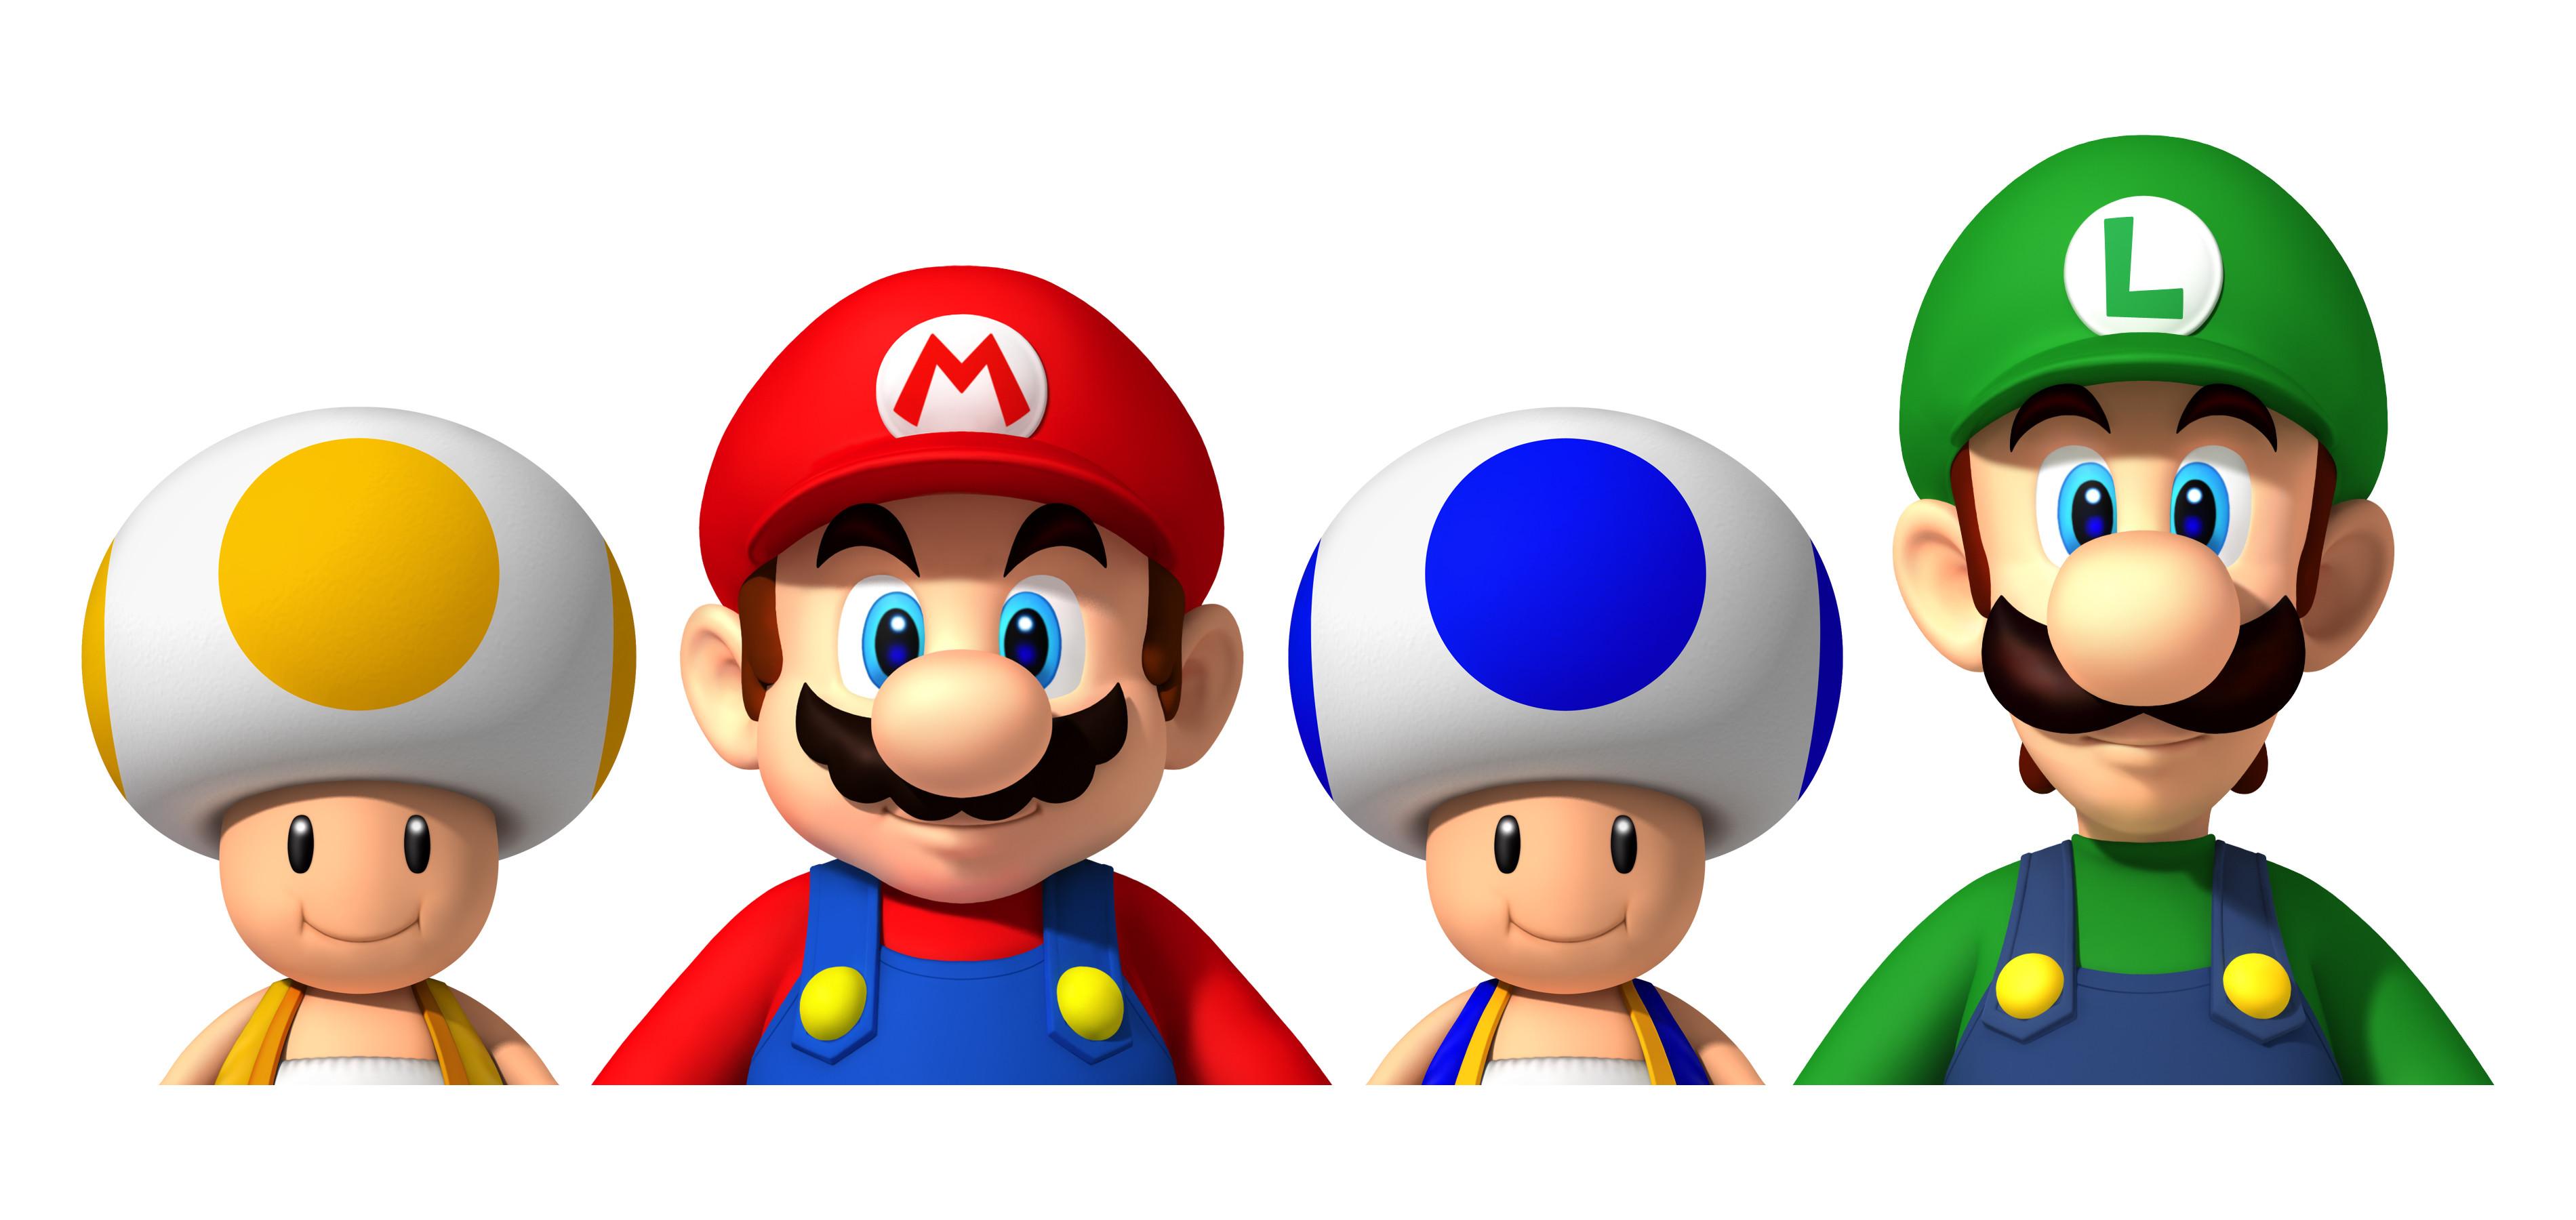 Super Mario Luigi Toads Iron on Transfer Super Mario Luigi Toads Iron on  Transfer : Top Iron-On Transfers!